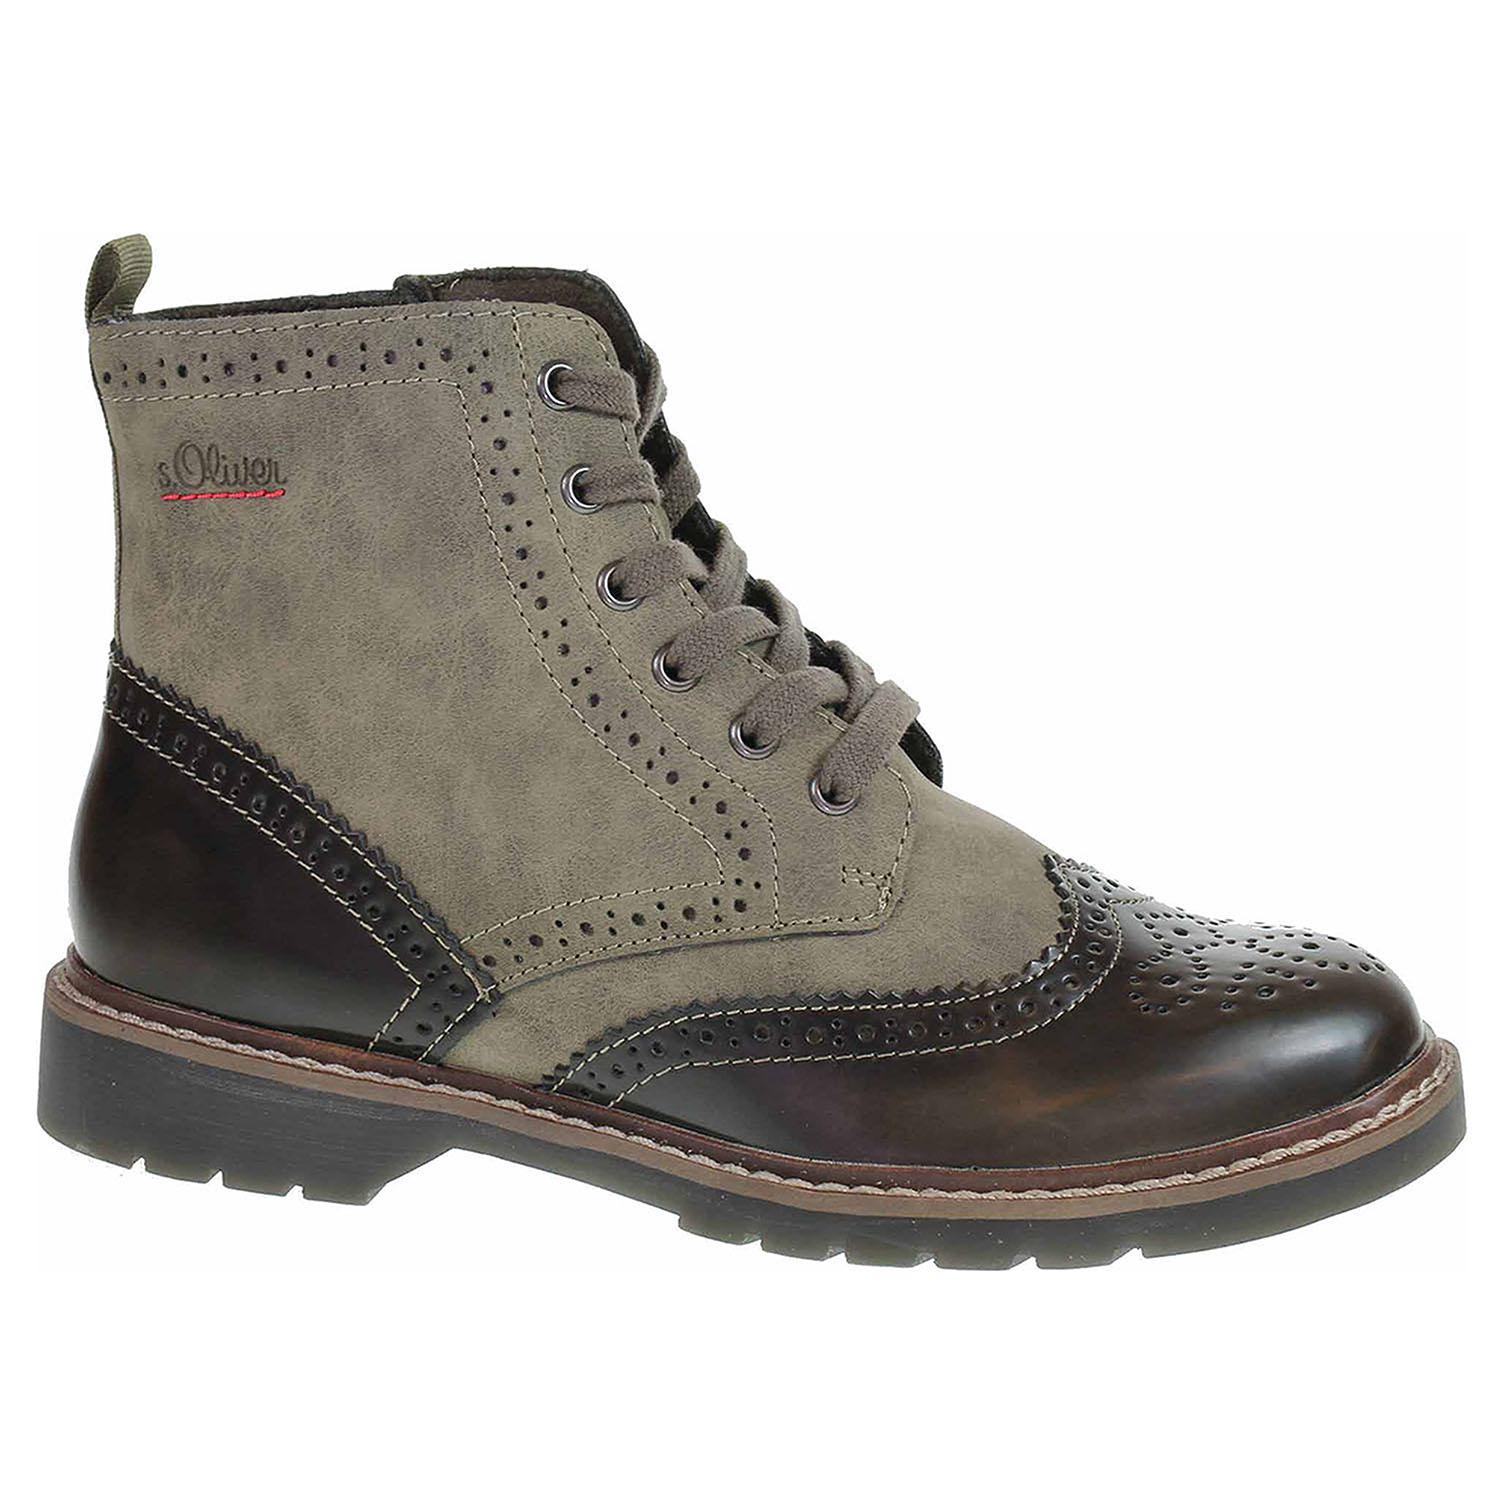 c8359a713d4ac Ecco Dámská kotníková obuv s.Oliver 5-25465-21 khaki comb 22600969